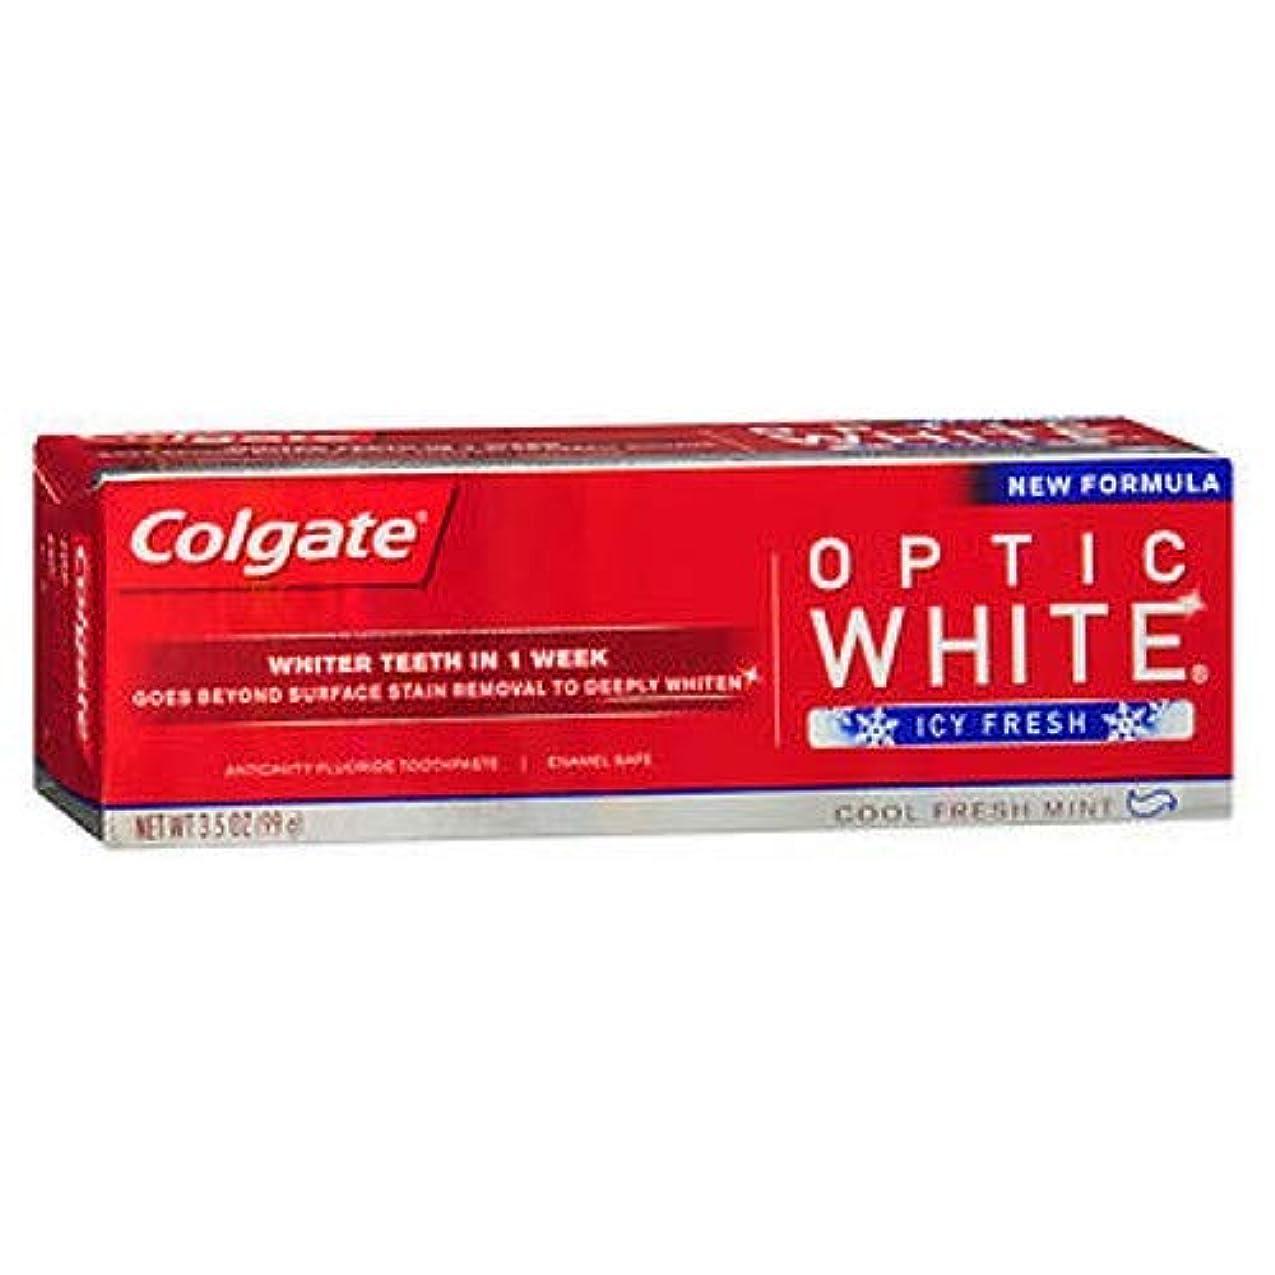 デッドロック締め切り発表Colgate Optic White Icy Fresh by Colgate Optic White